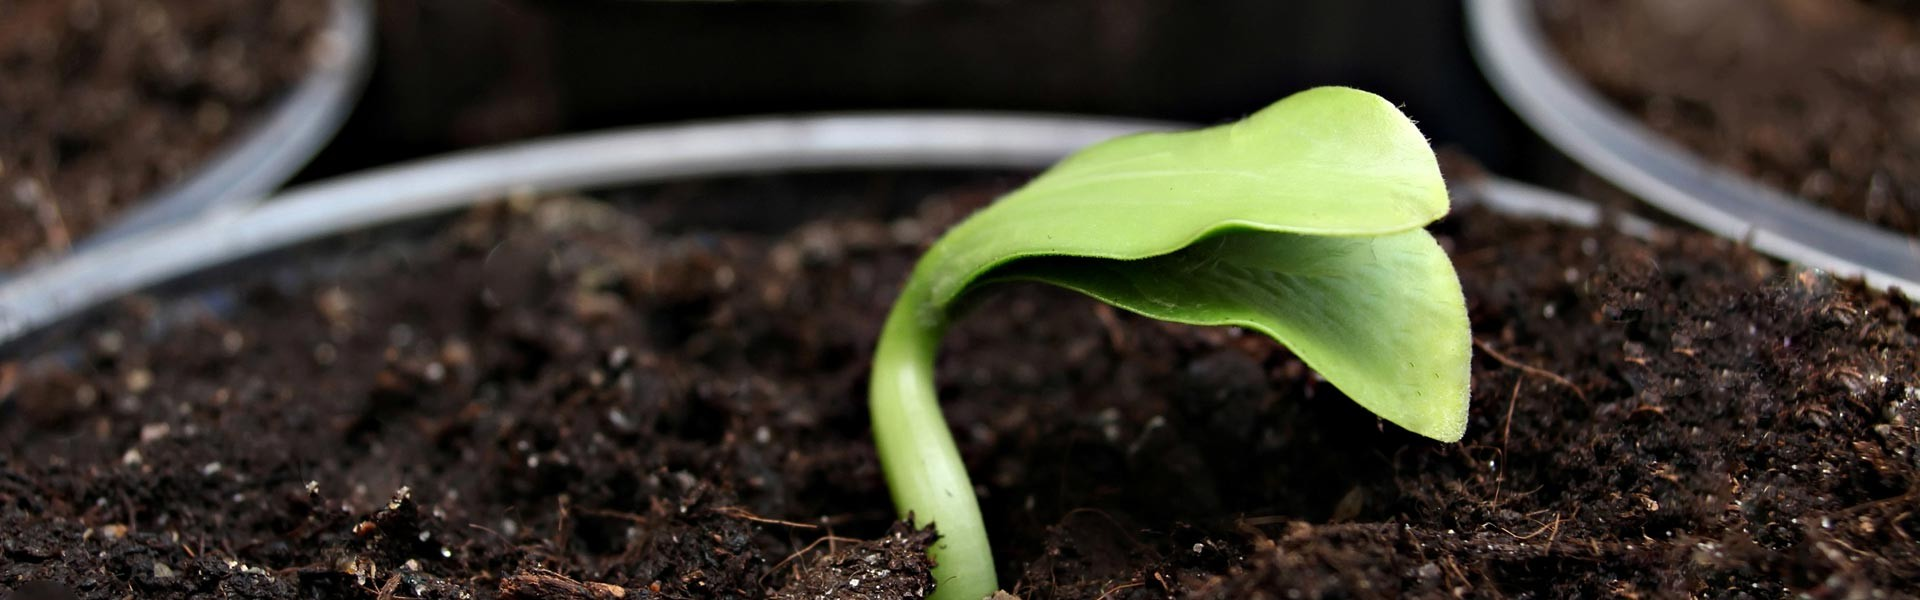 slide03-Horticultura-Ética